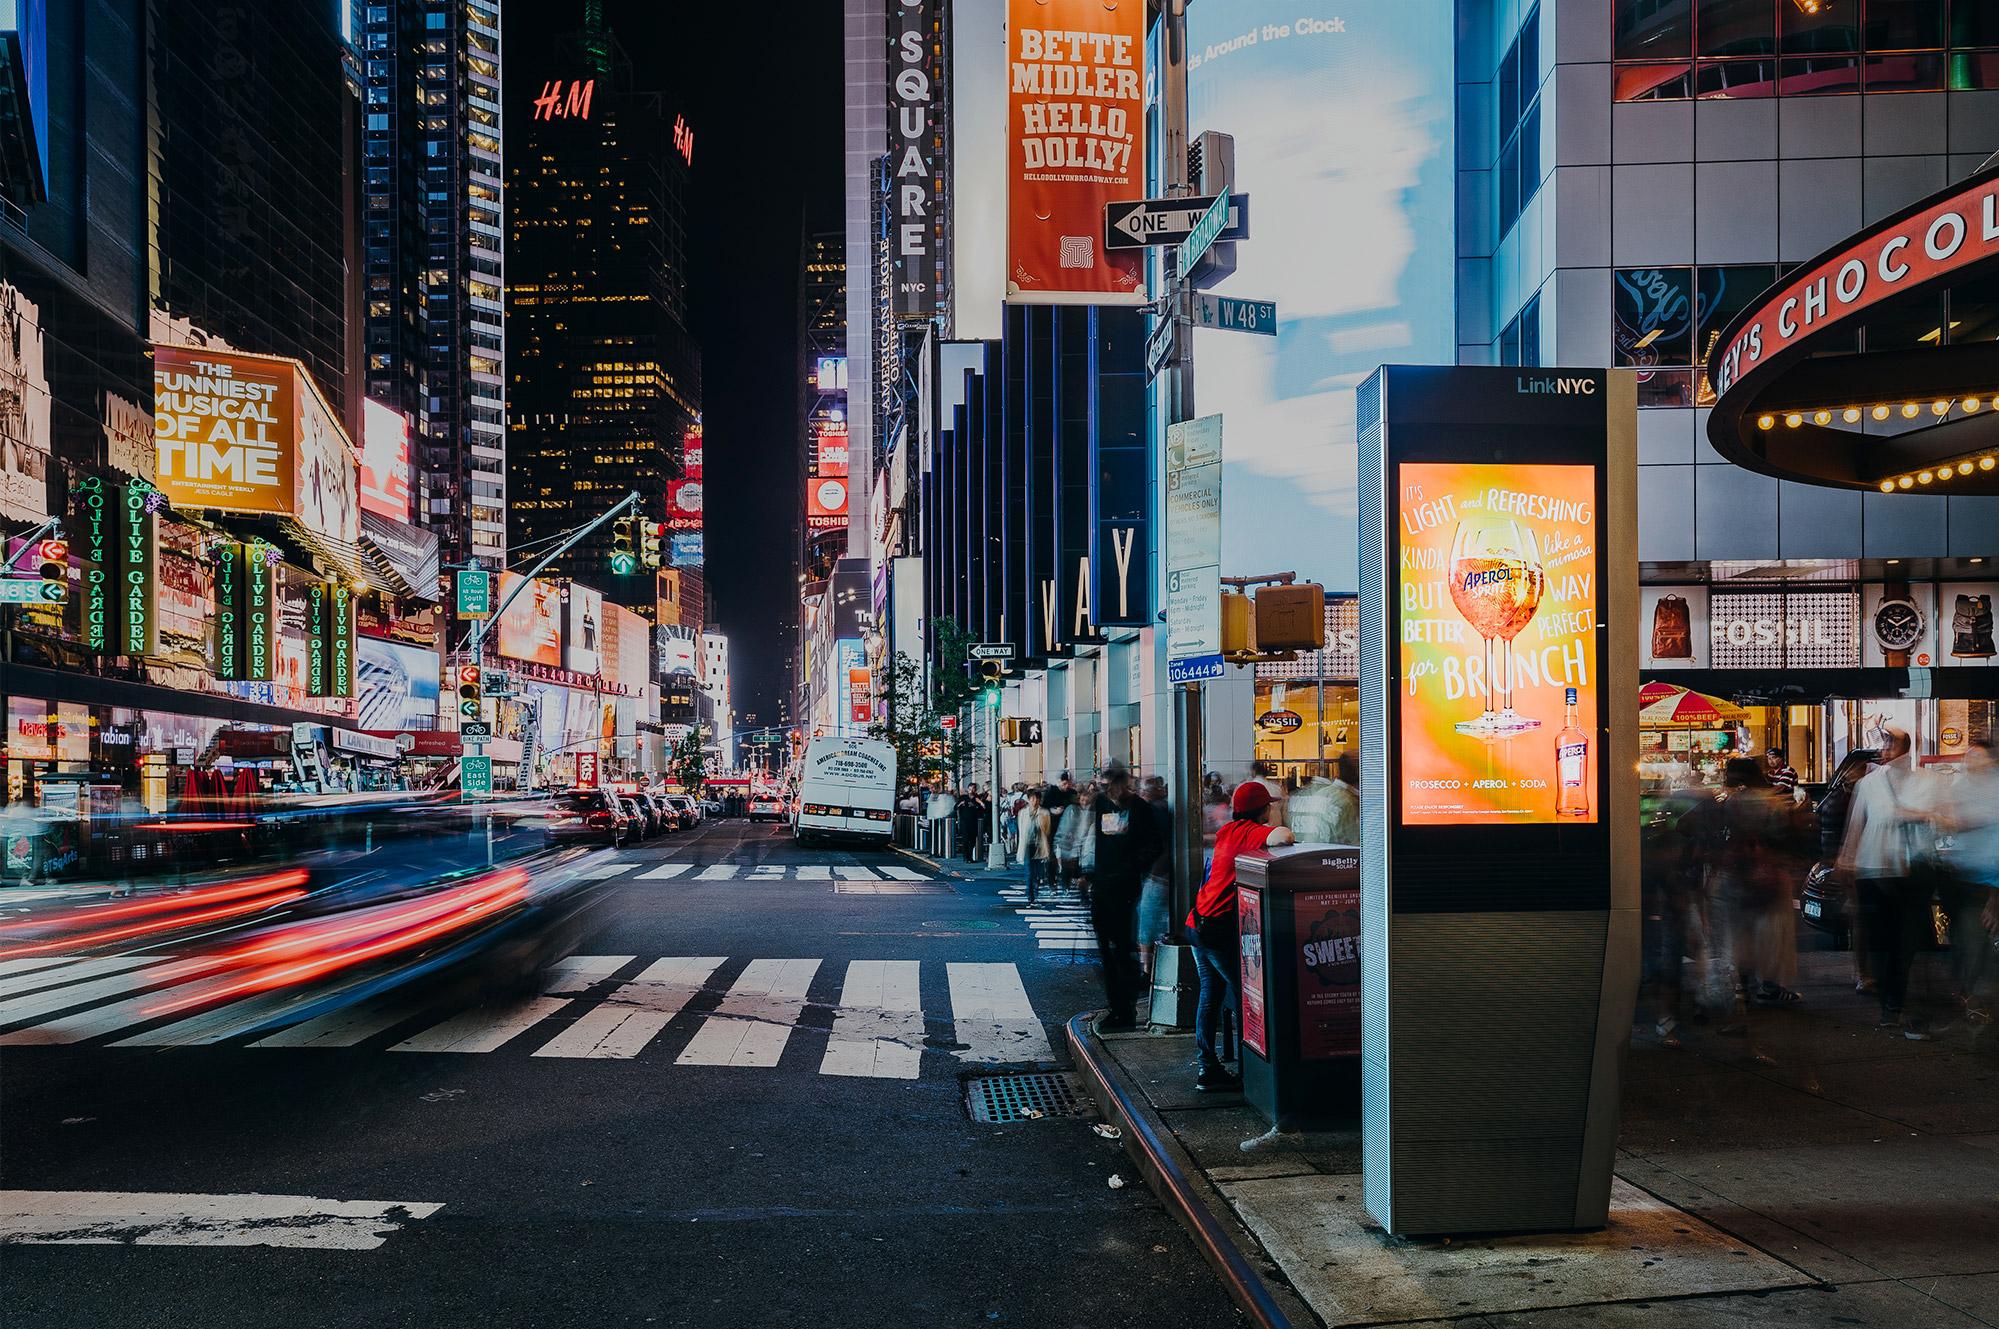 LinkNYC-img1.jpg